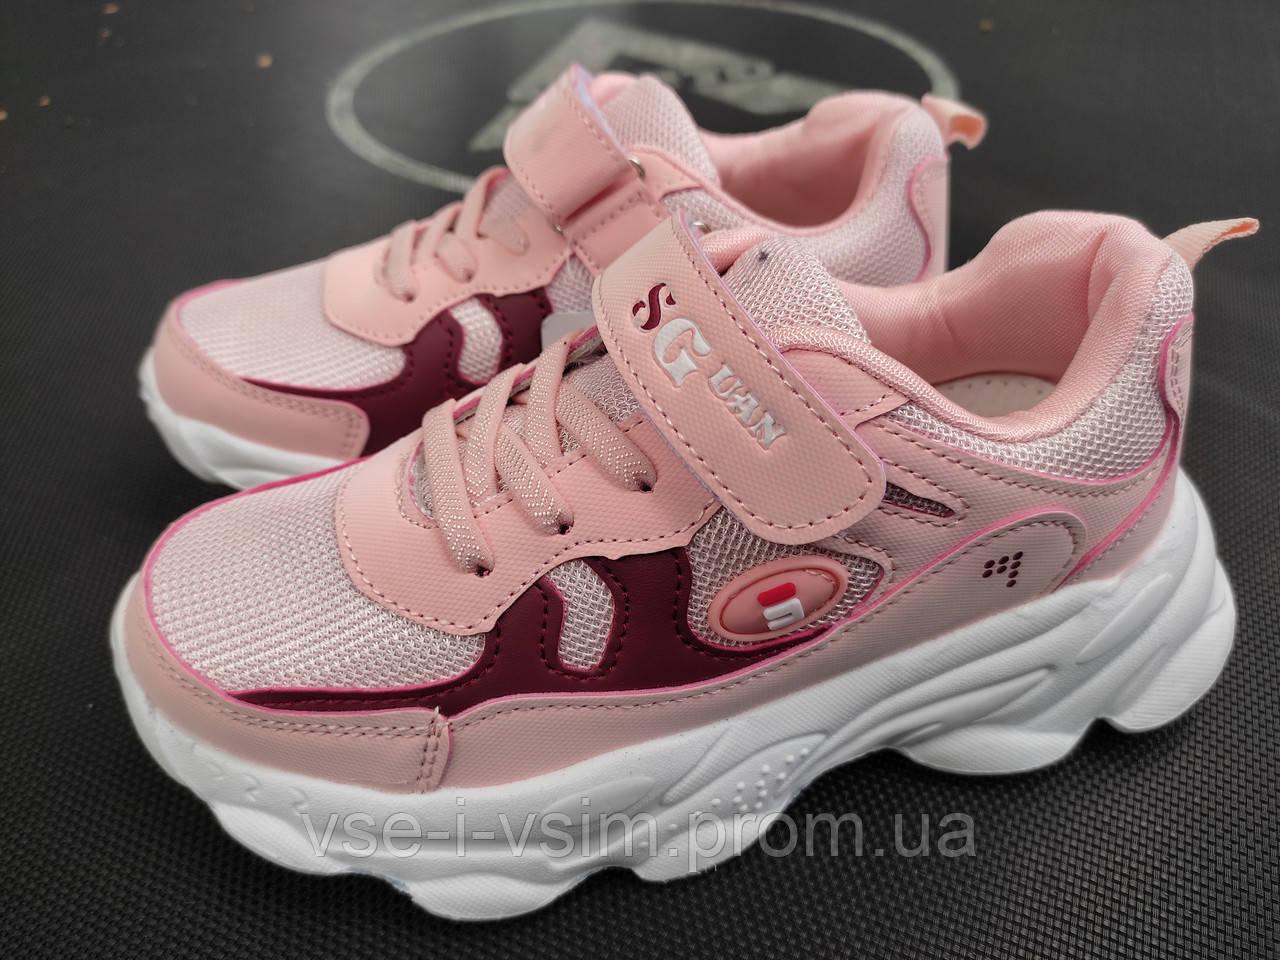 Кросівки для дівчинки 32 р стелька 19.5 см